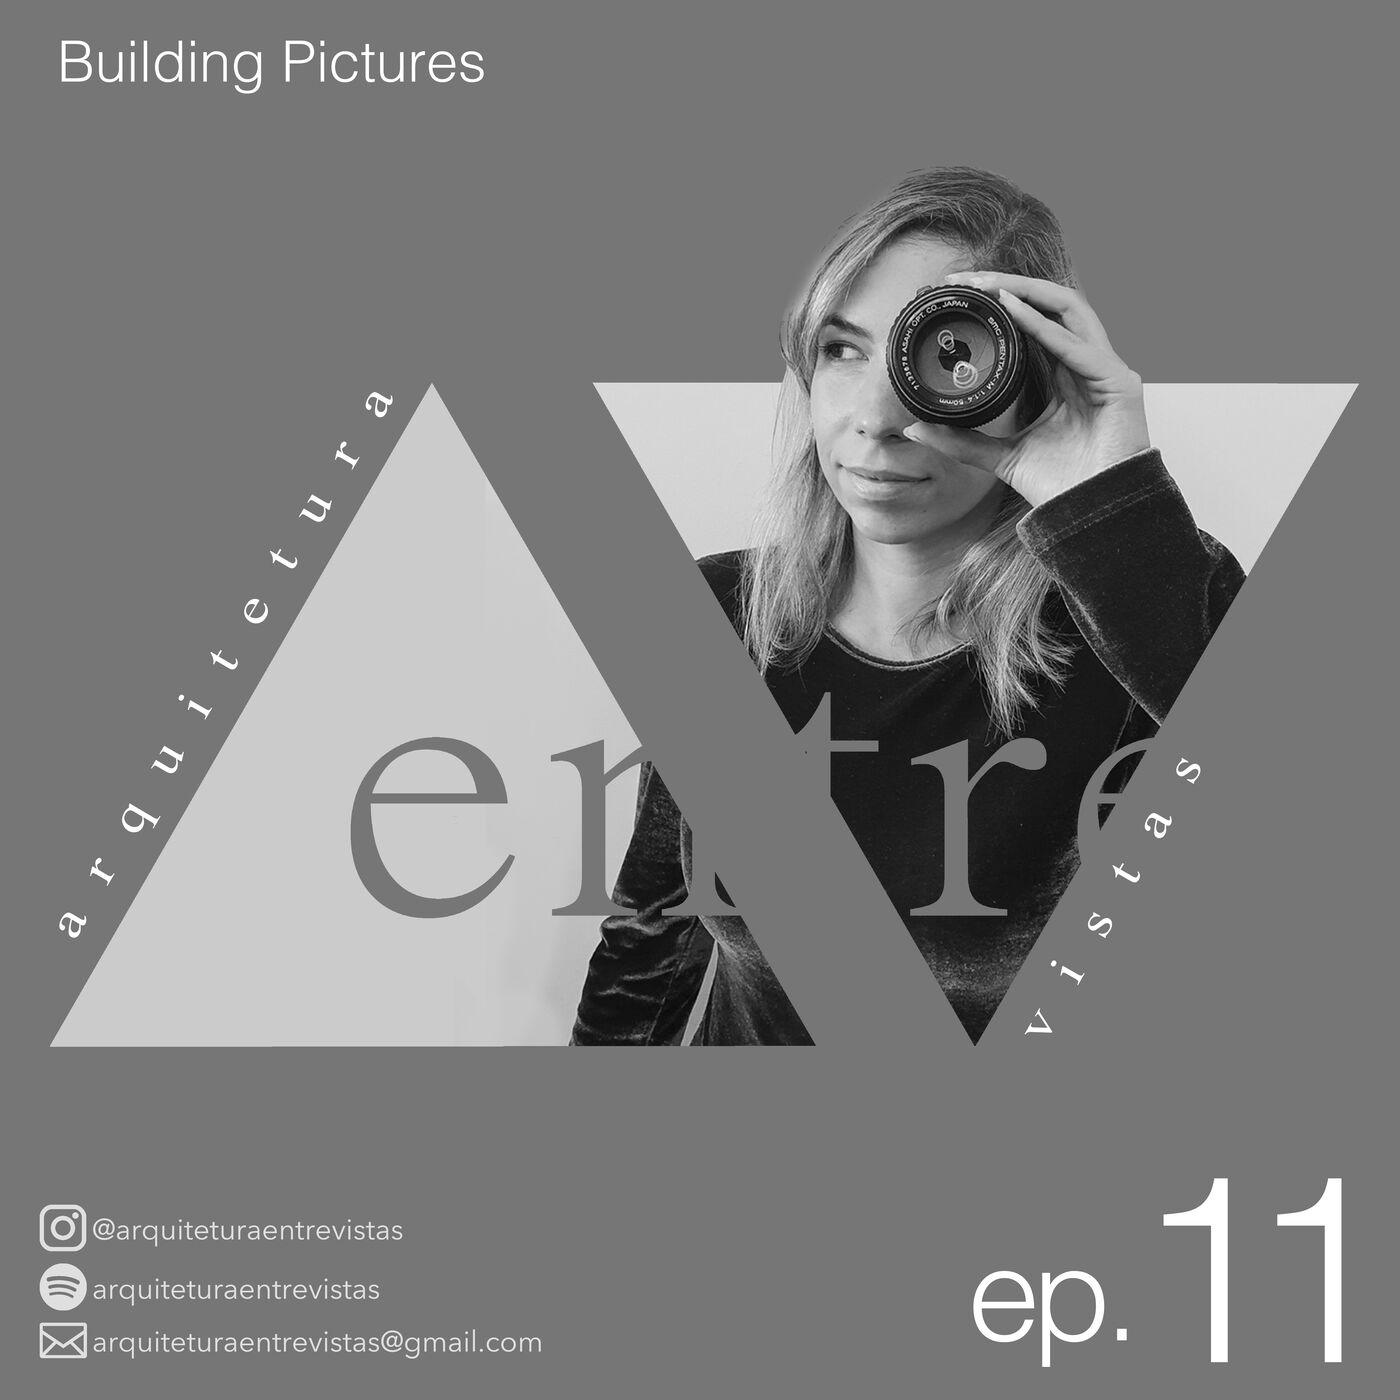 EP.11 Building Pictures, Arquitetura Entre Vistas